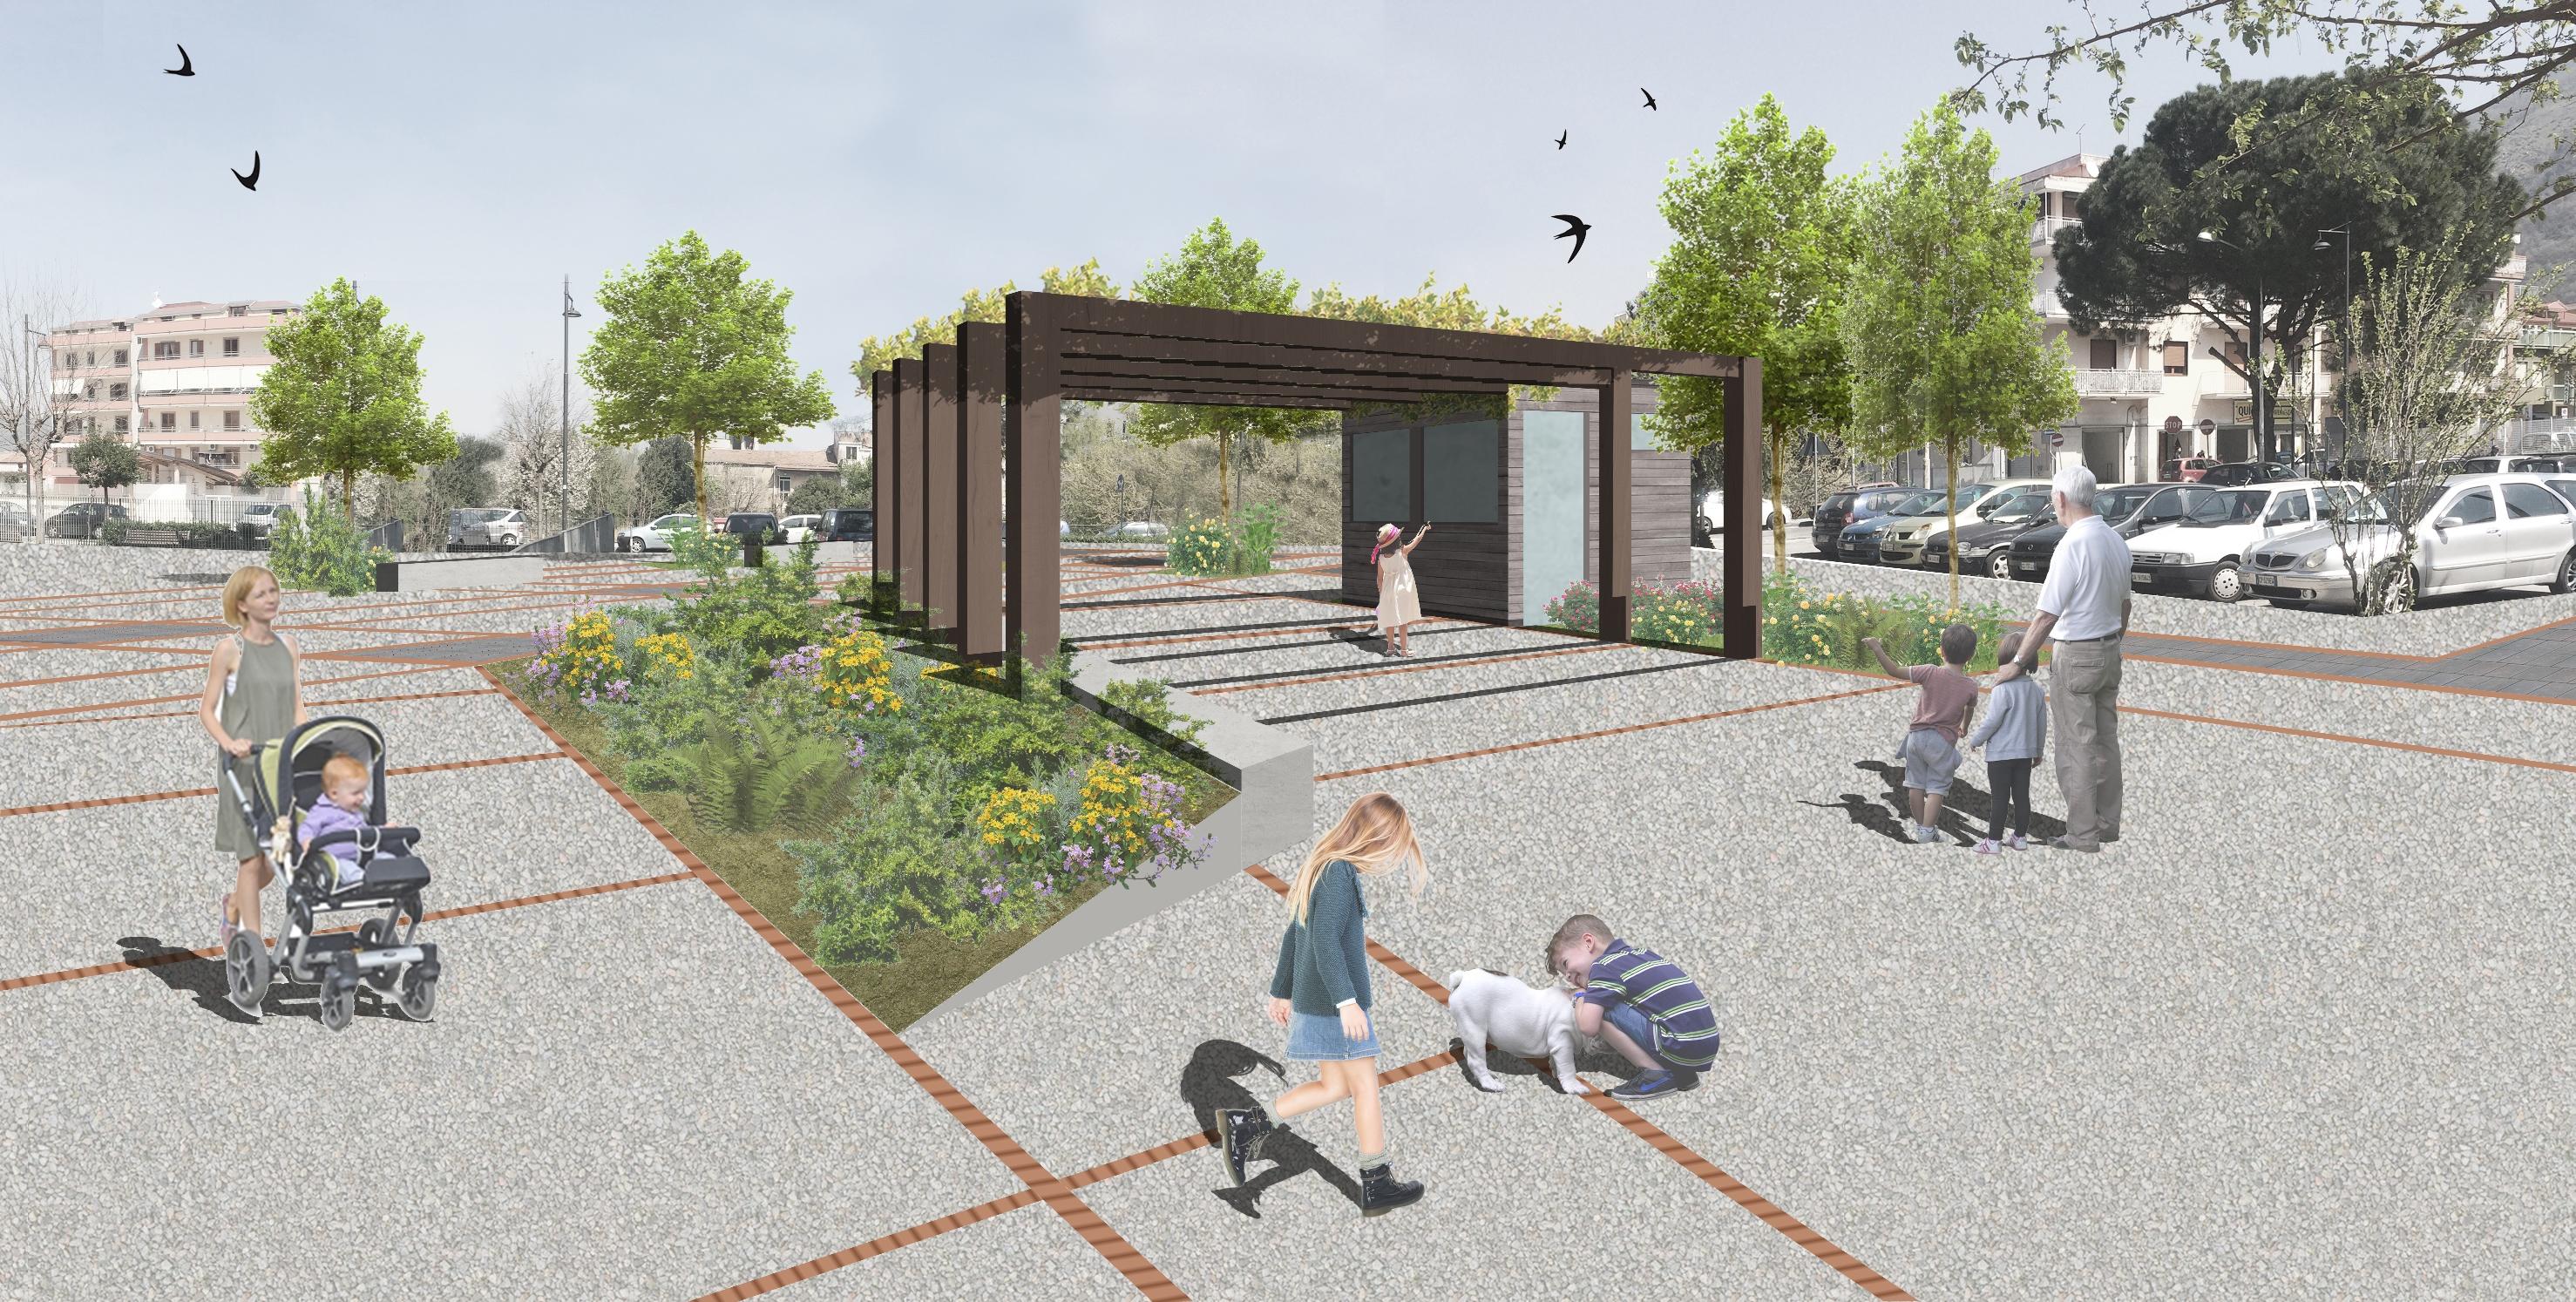 Nocera Superiore: mercoledì la presentazione del nuovo spazio urbano